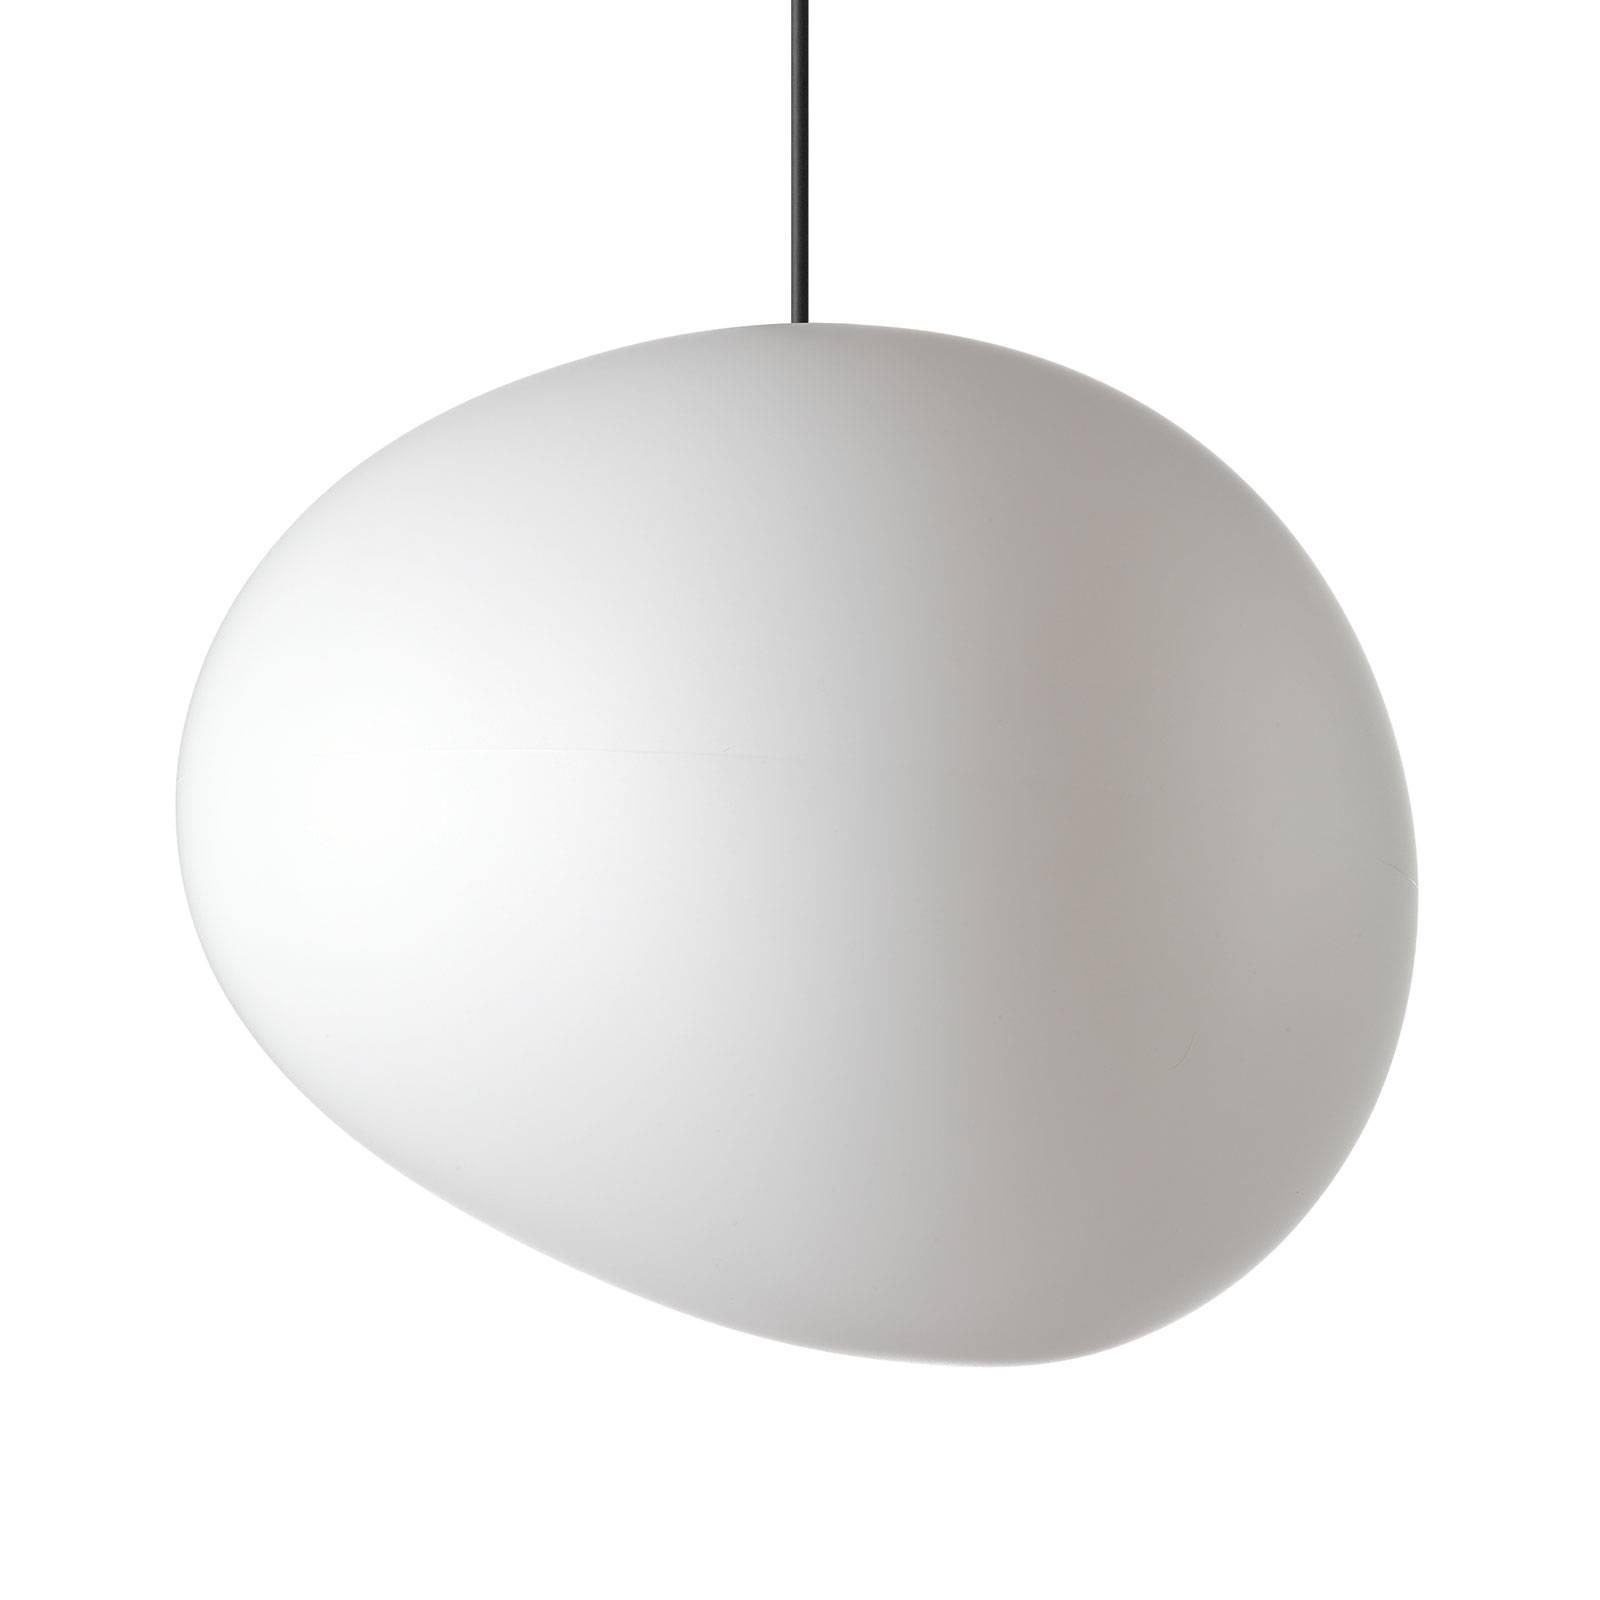 Foscarini Gregg grande LED-Hängeleuchte, dimmbar